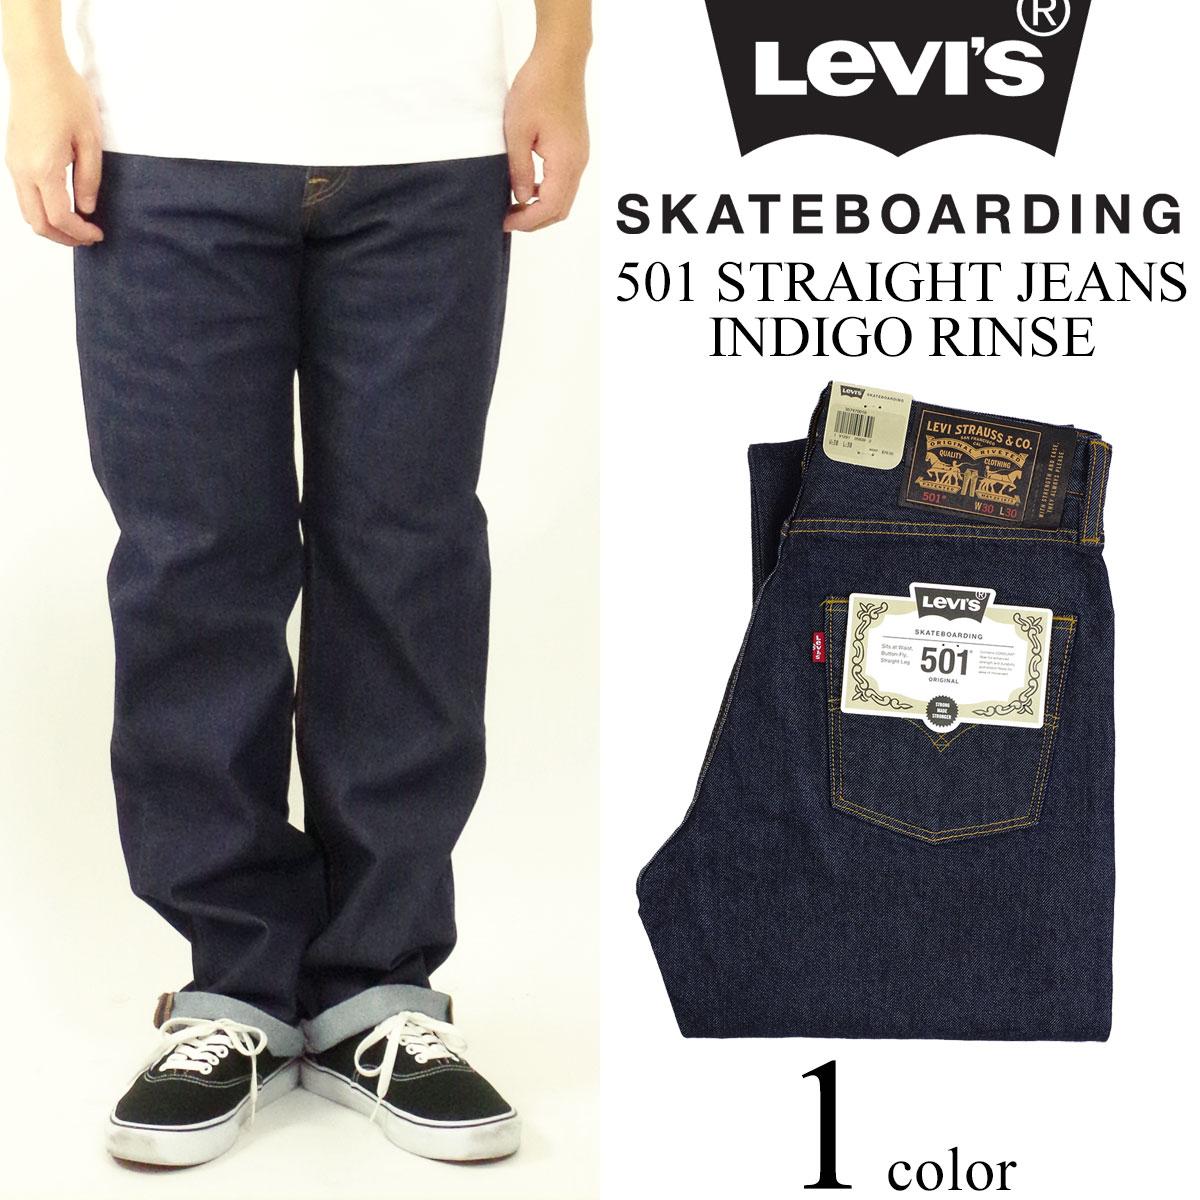 リーバイス スケートボーディング コレクション 501 ボタンフライストレート インディゴリンス (LEVI'S SKATEBOARDING COLLECTION)